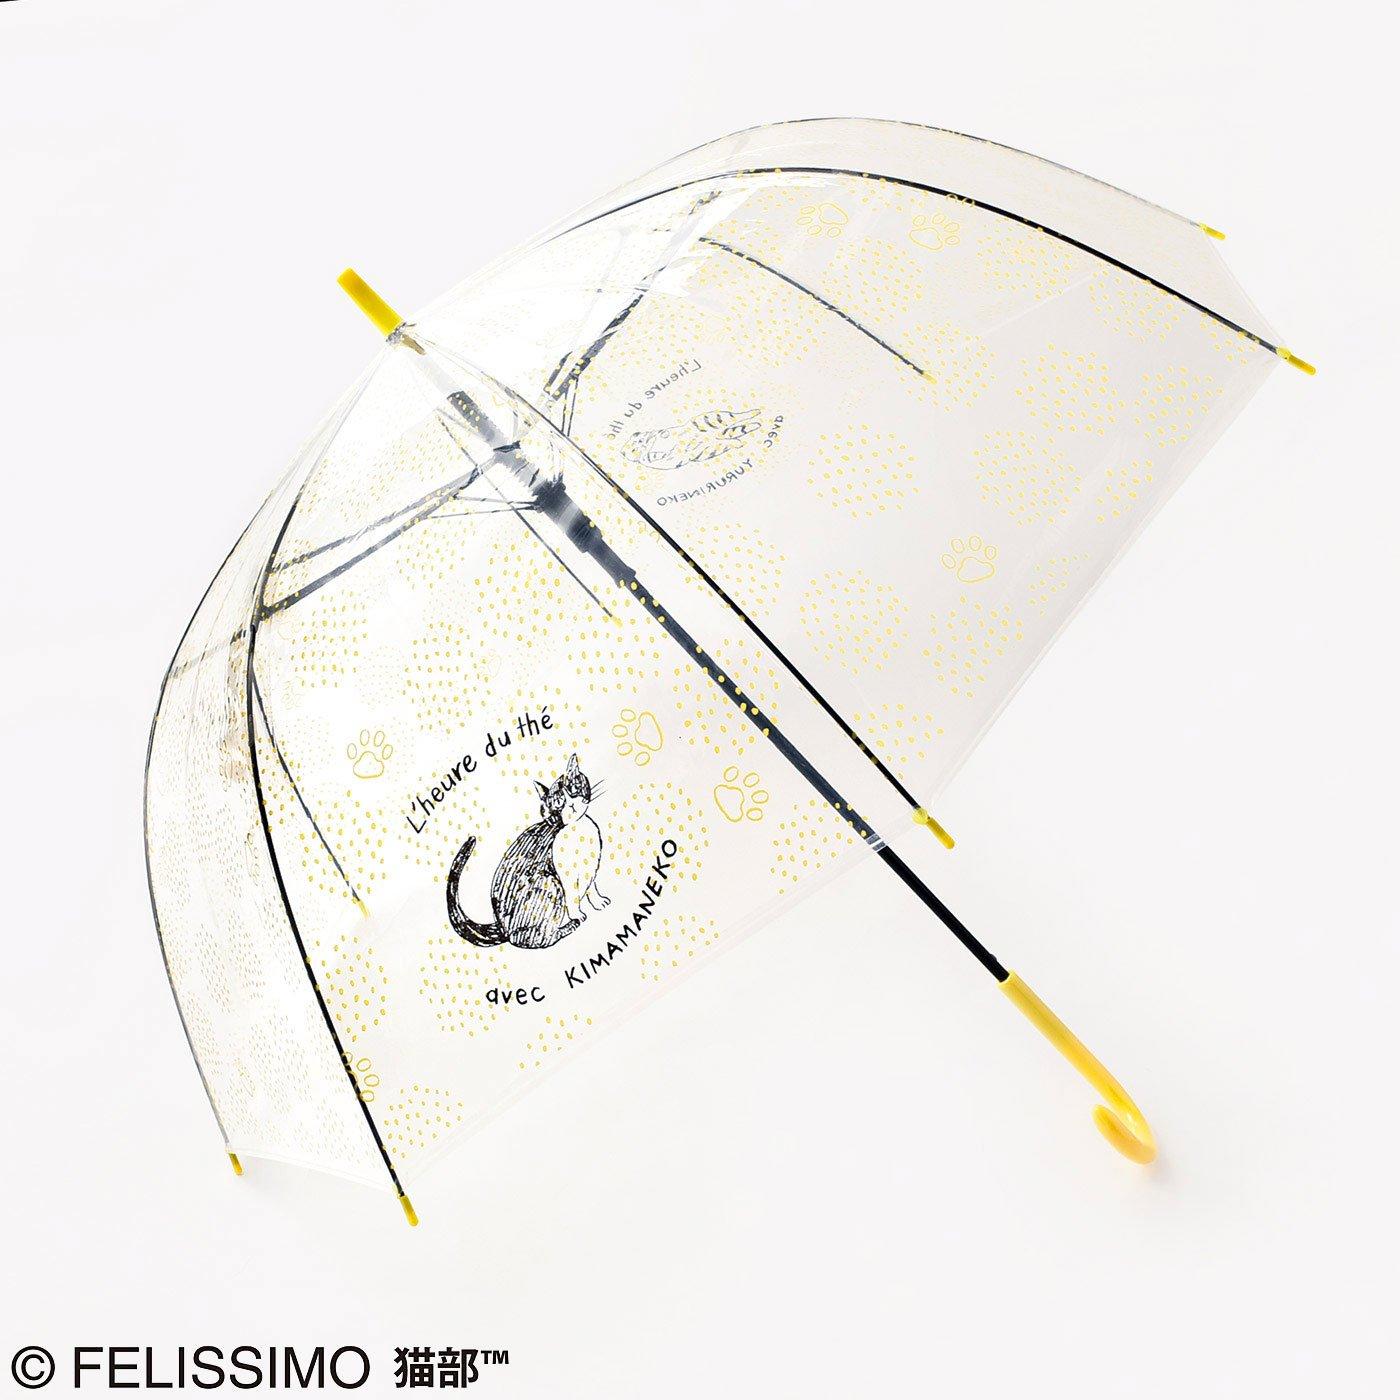 【大物配送】猫部ビニール傘(松尾ミユキ)